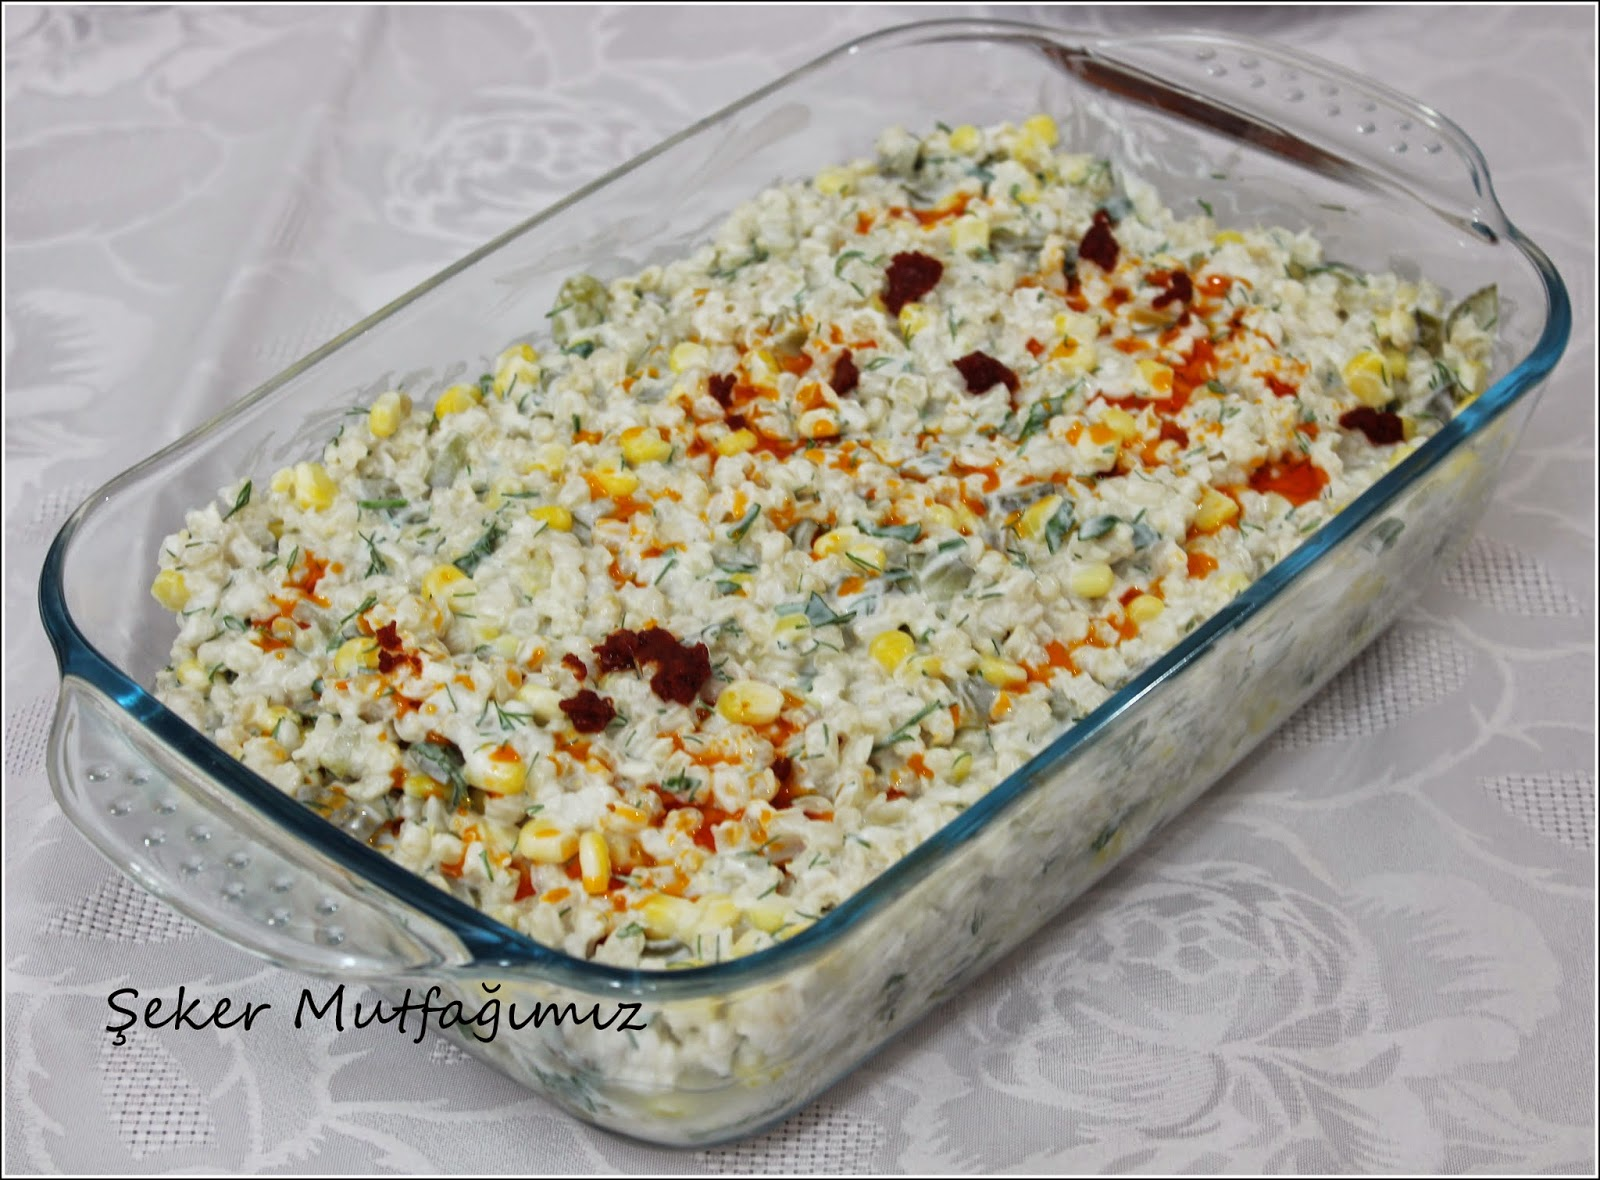 Yoğurtlu Buğday Salatası Tarifi – Salata Tarifleri